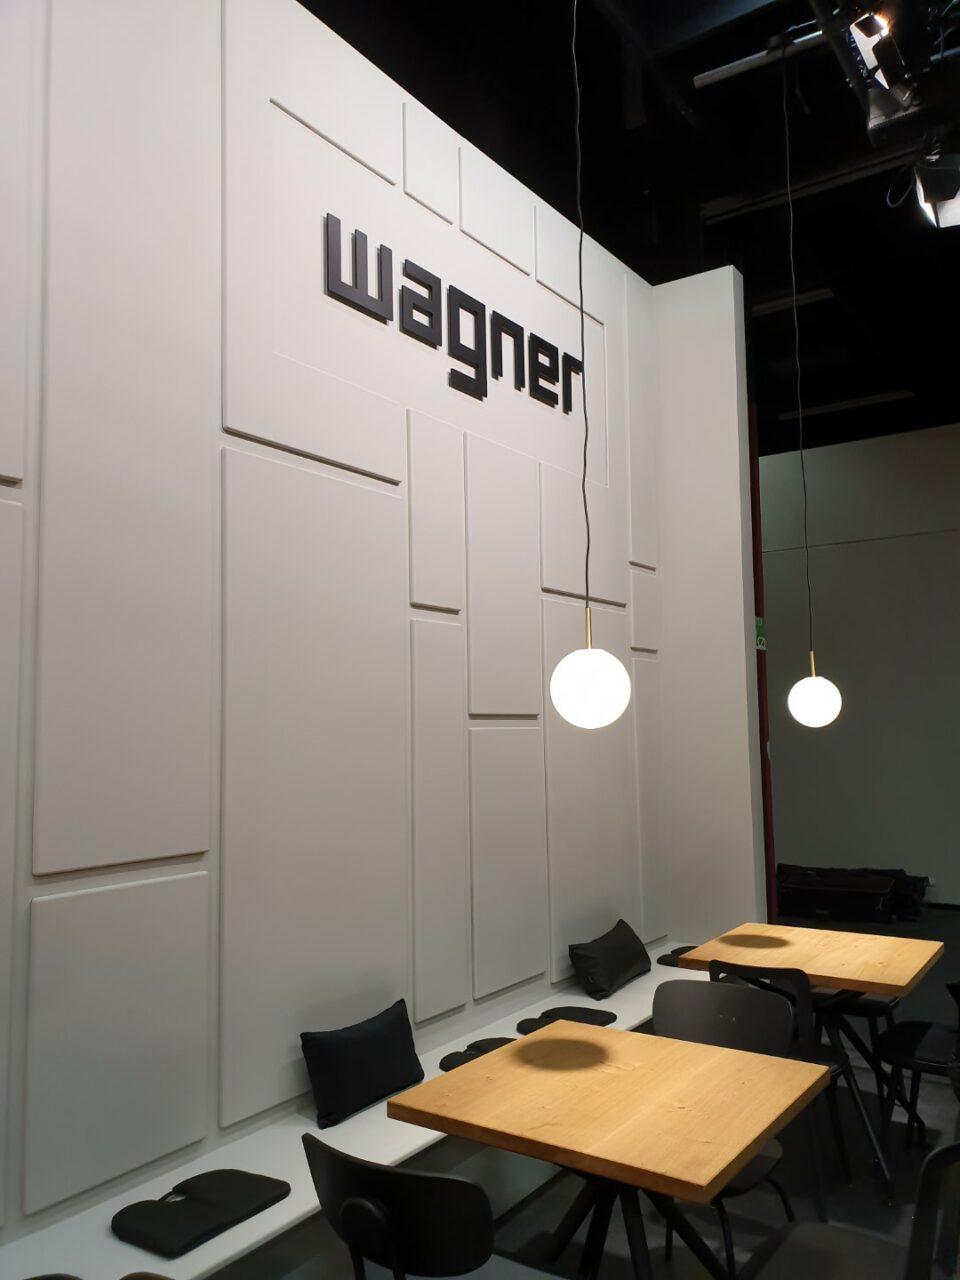 wagner living - gastro